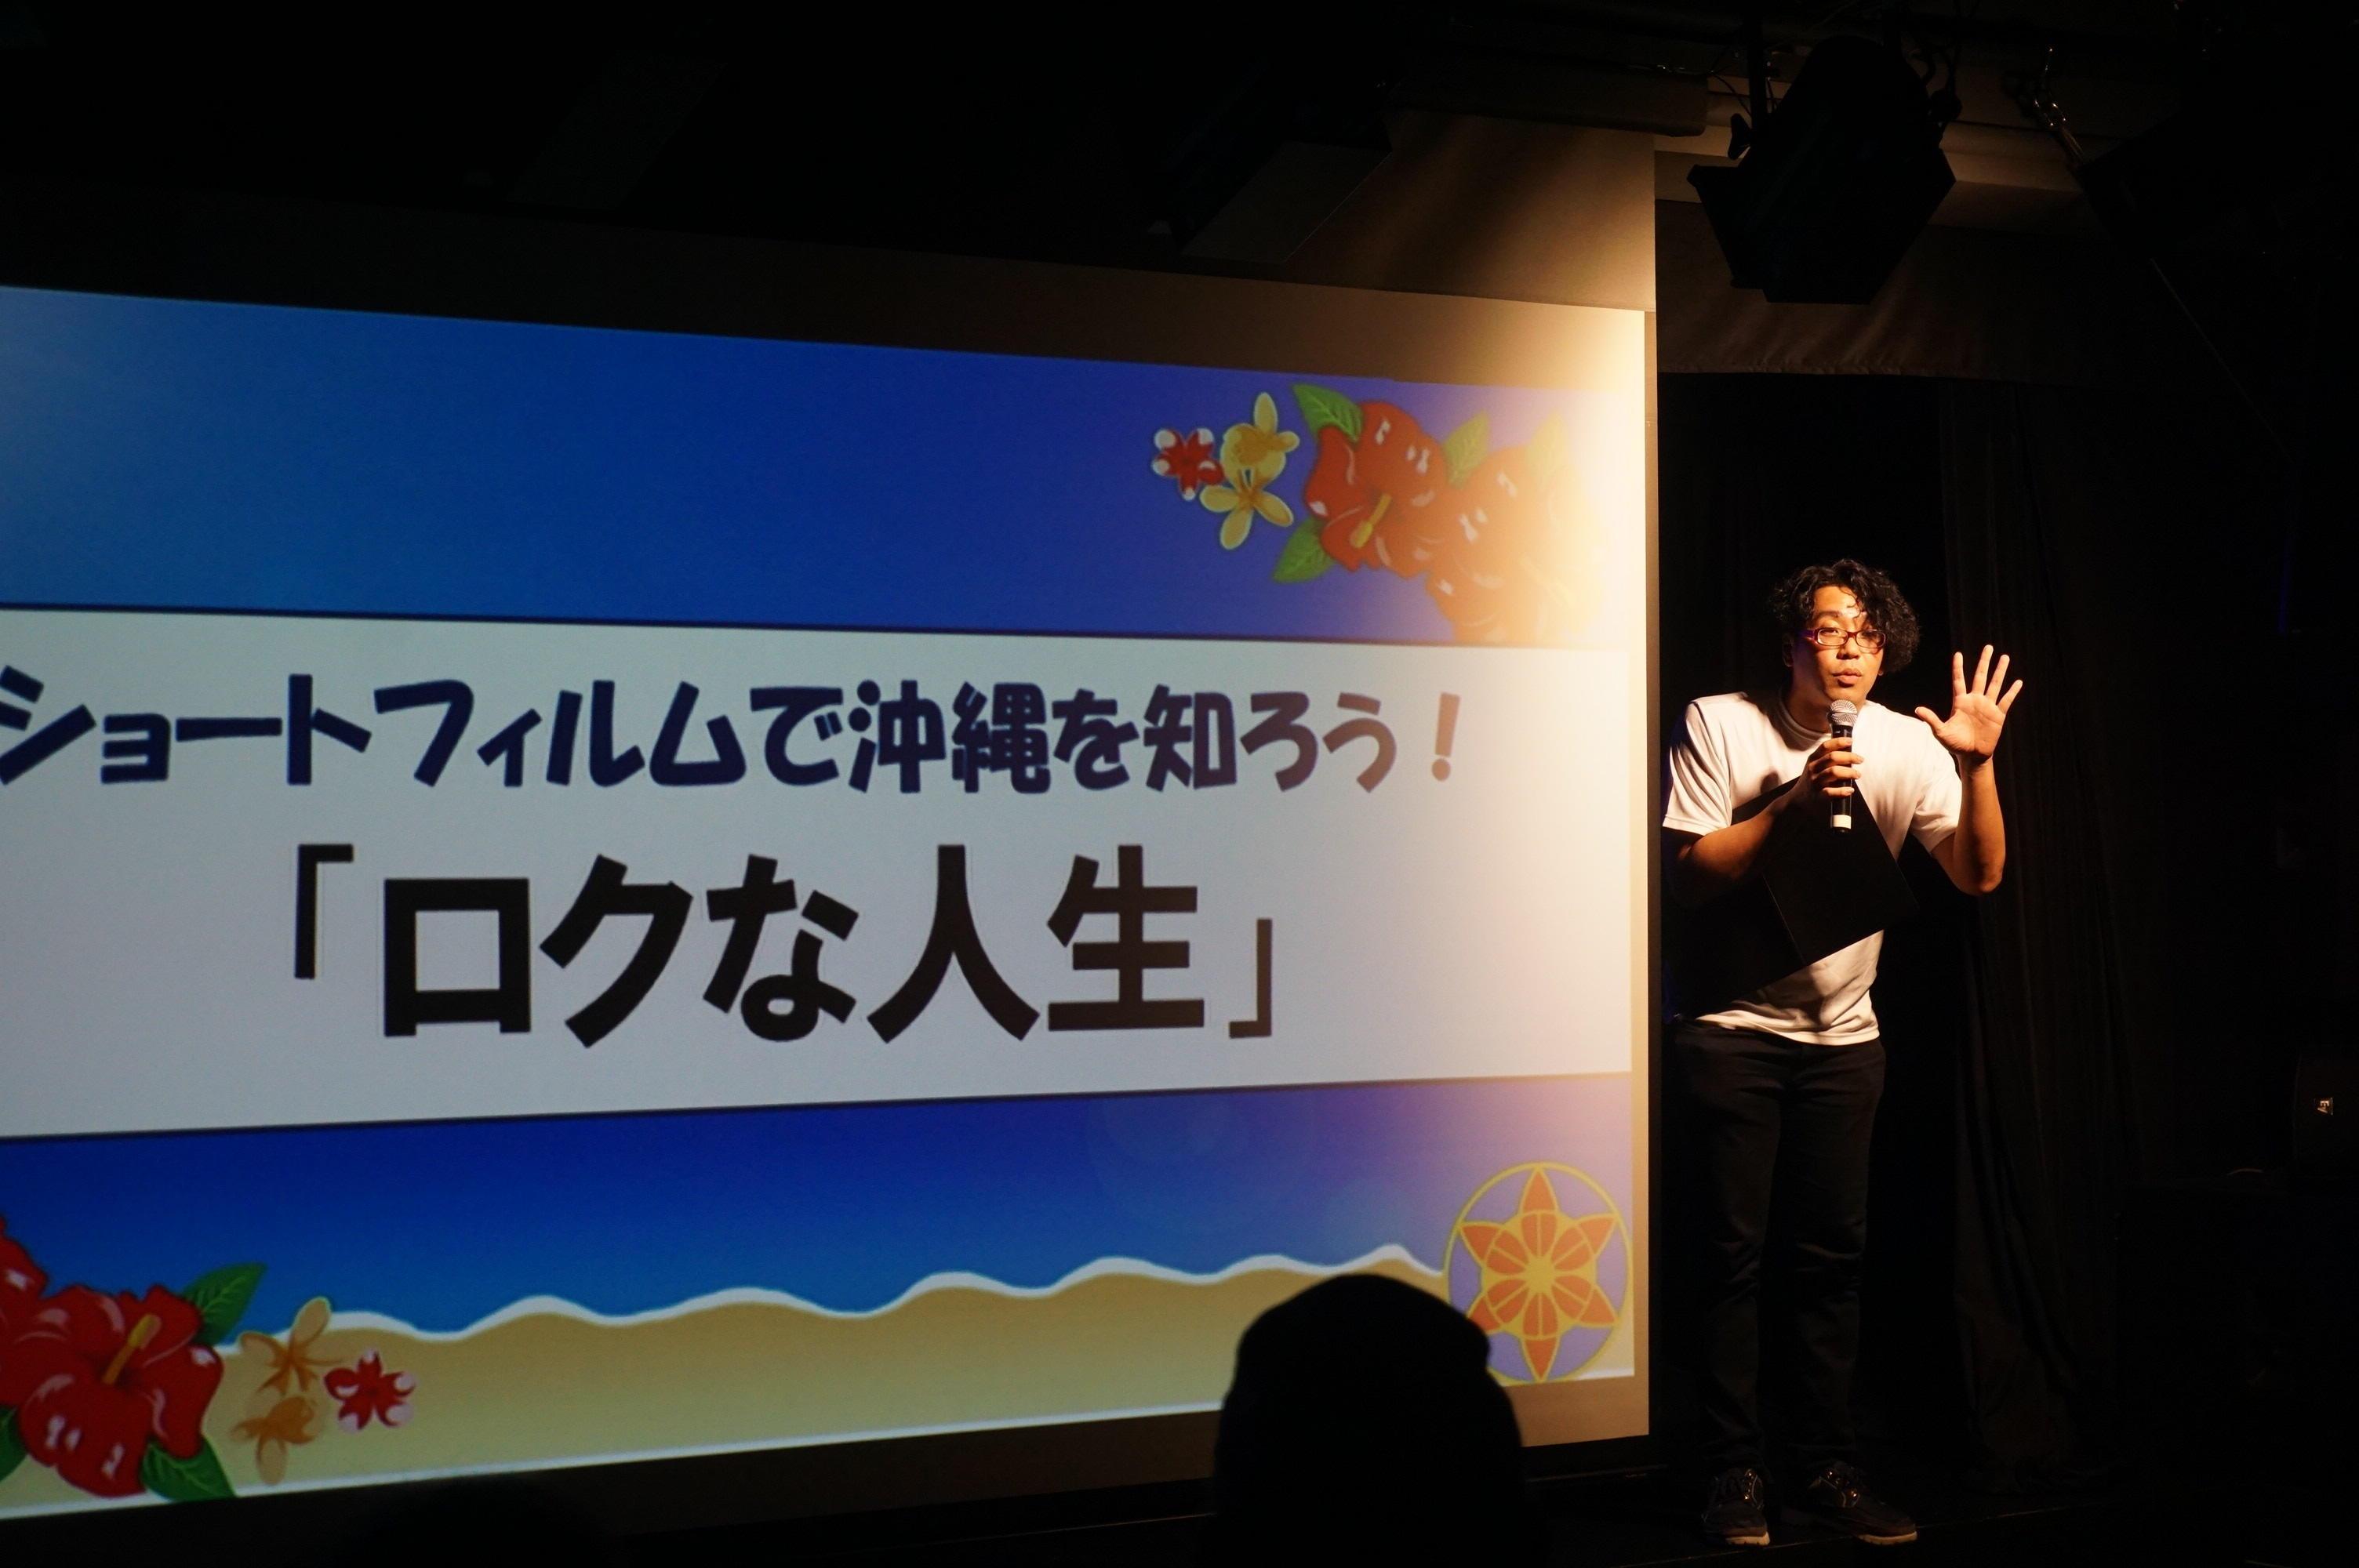 http://news.yoshimoto.co.jp/20170905172528-821c591a79b1d5d6e8aef29634af874561ef7a9e.jpg